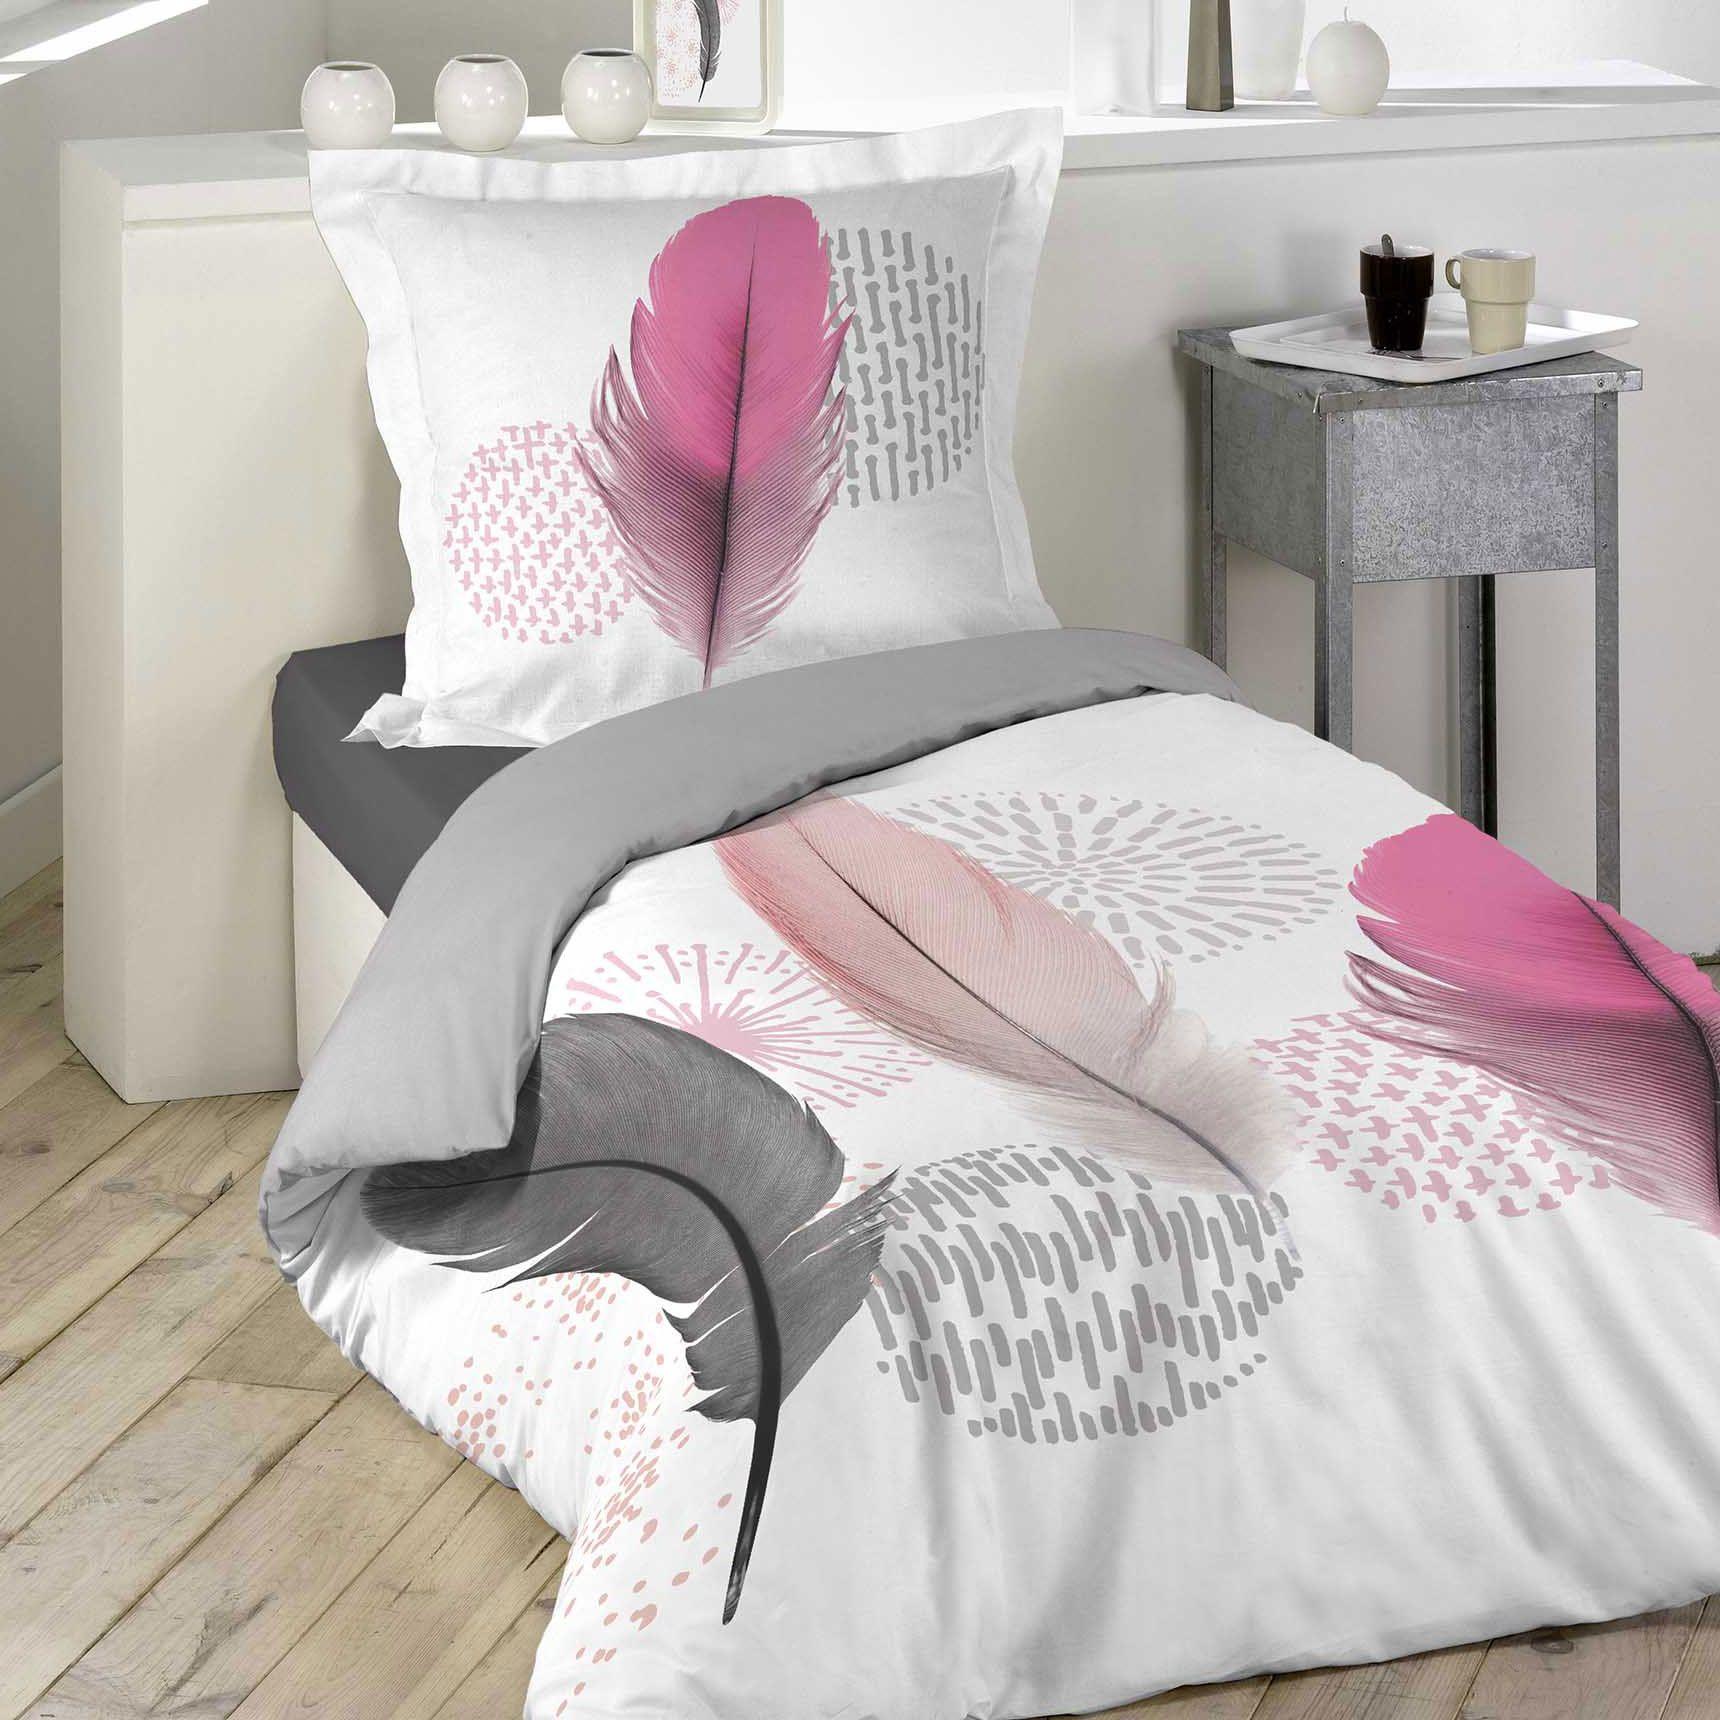 Housse de couette et taie pink dream 100 coton 140 cm for Housse de couette rose et gris